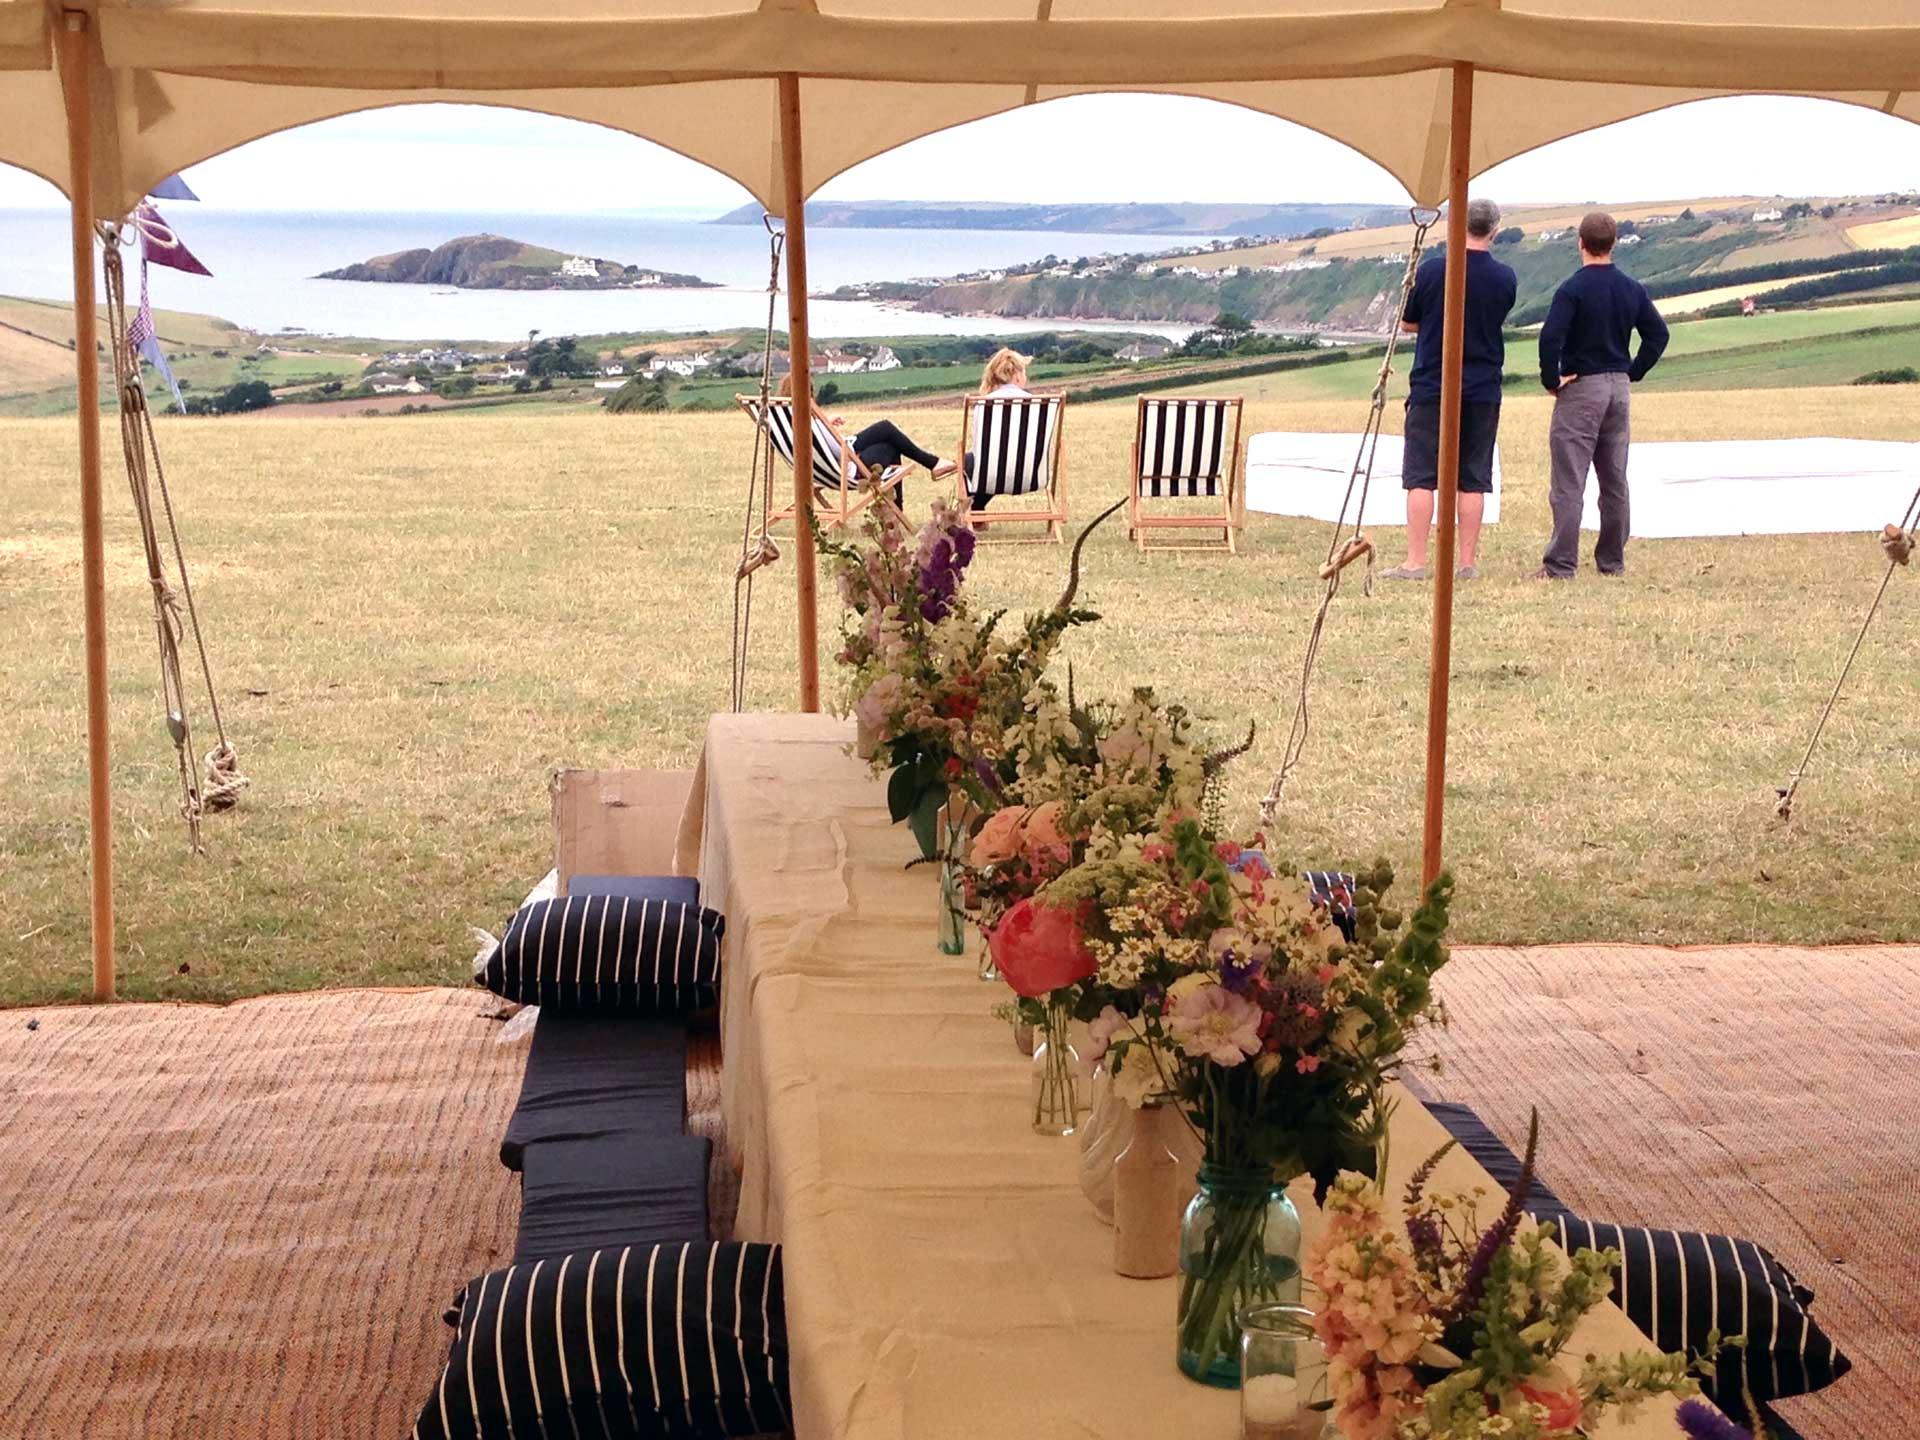 A coastal wedding marquee